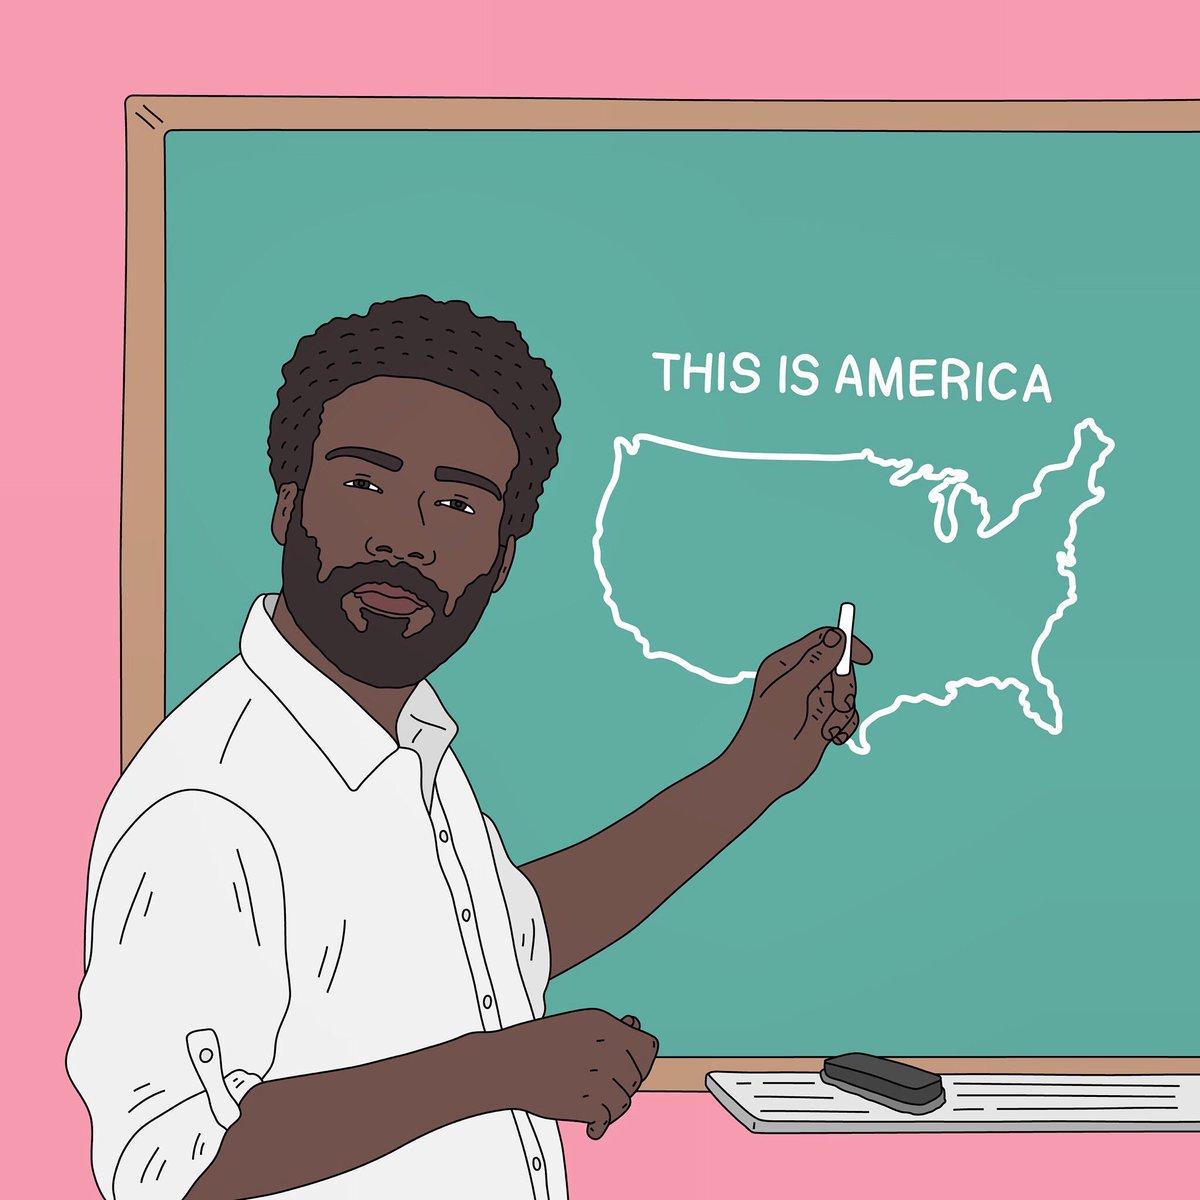 RT @somehoodlum: Geography class with childish gambino https://t.co/PfZO6rO66n